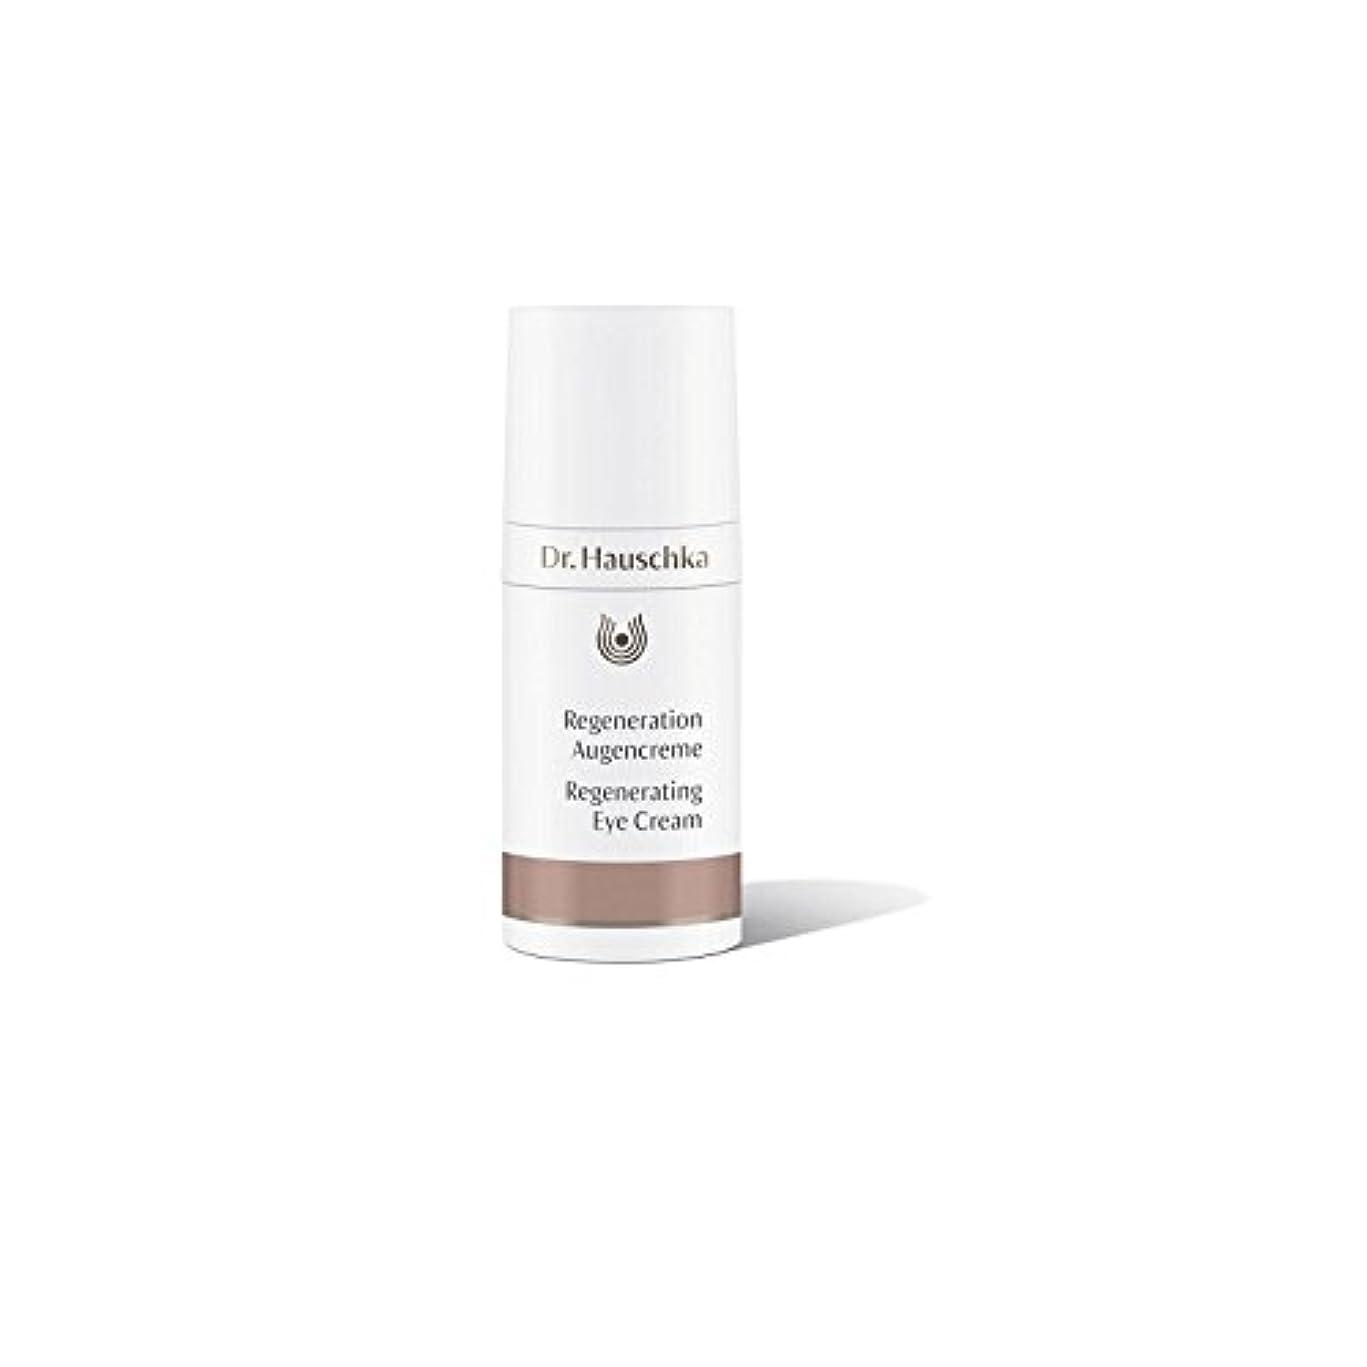 良心的抑制する先駆者アイクリーム15ミリリットルを再生ハウシュカ x4 - Dr. Hauschka Regenerating Eye Cream 15ml (Pack of 4) [並行輸入品]